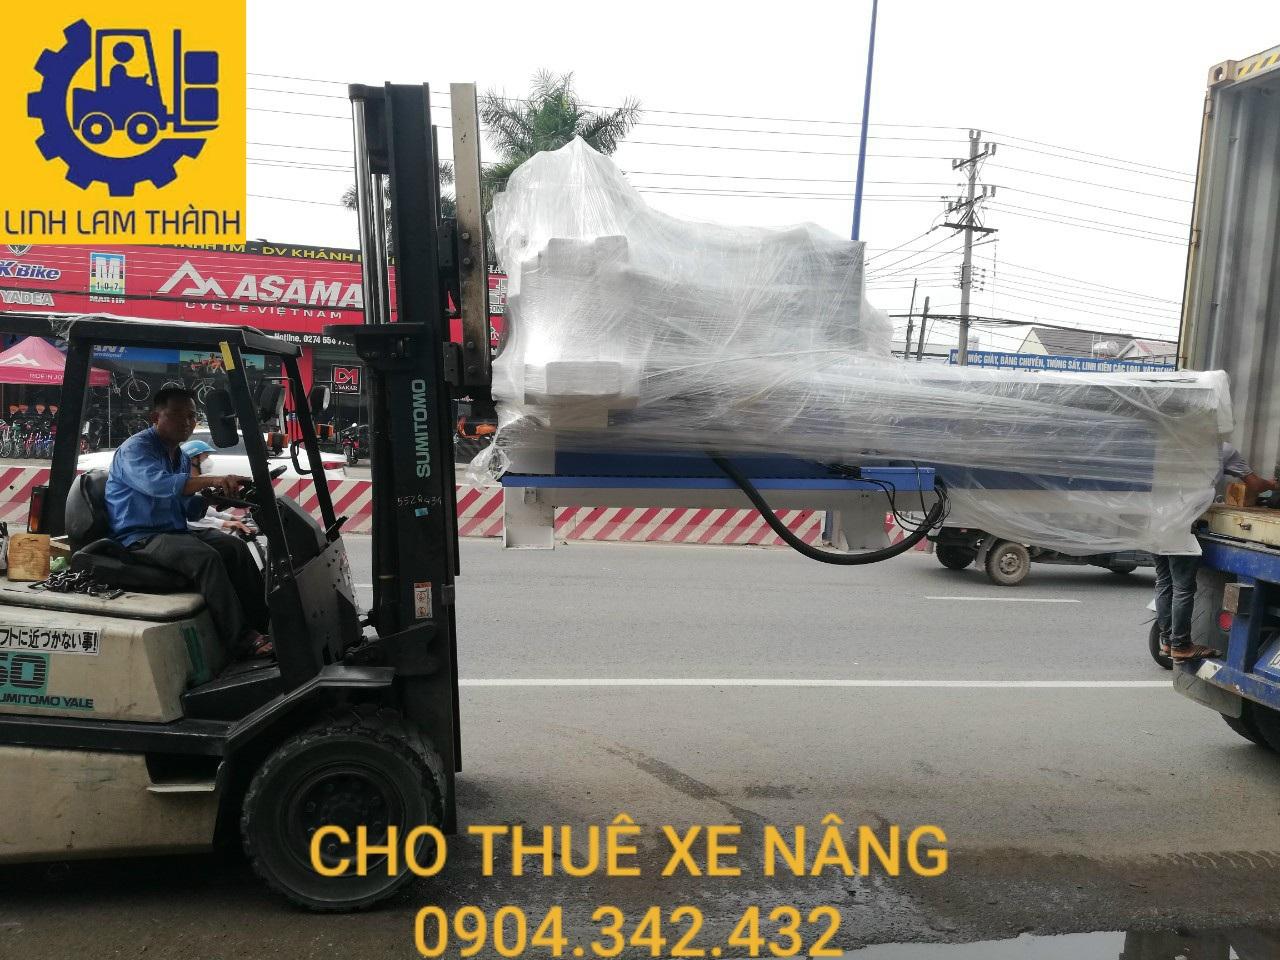 Cho Thuê Xe Nâng Tại Khu Vực Thuận An - Bình Dương.